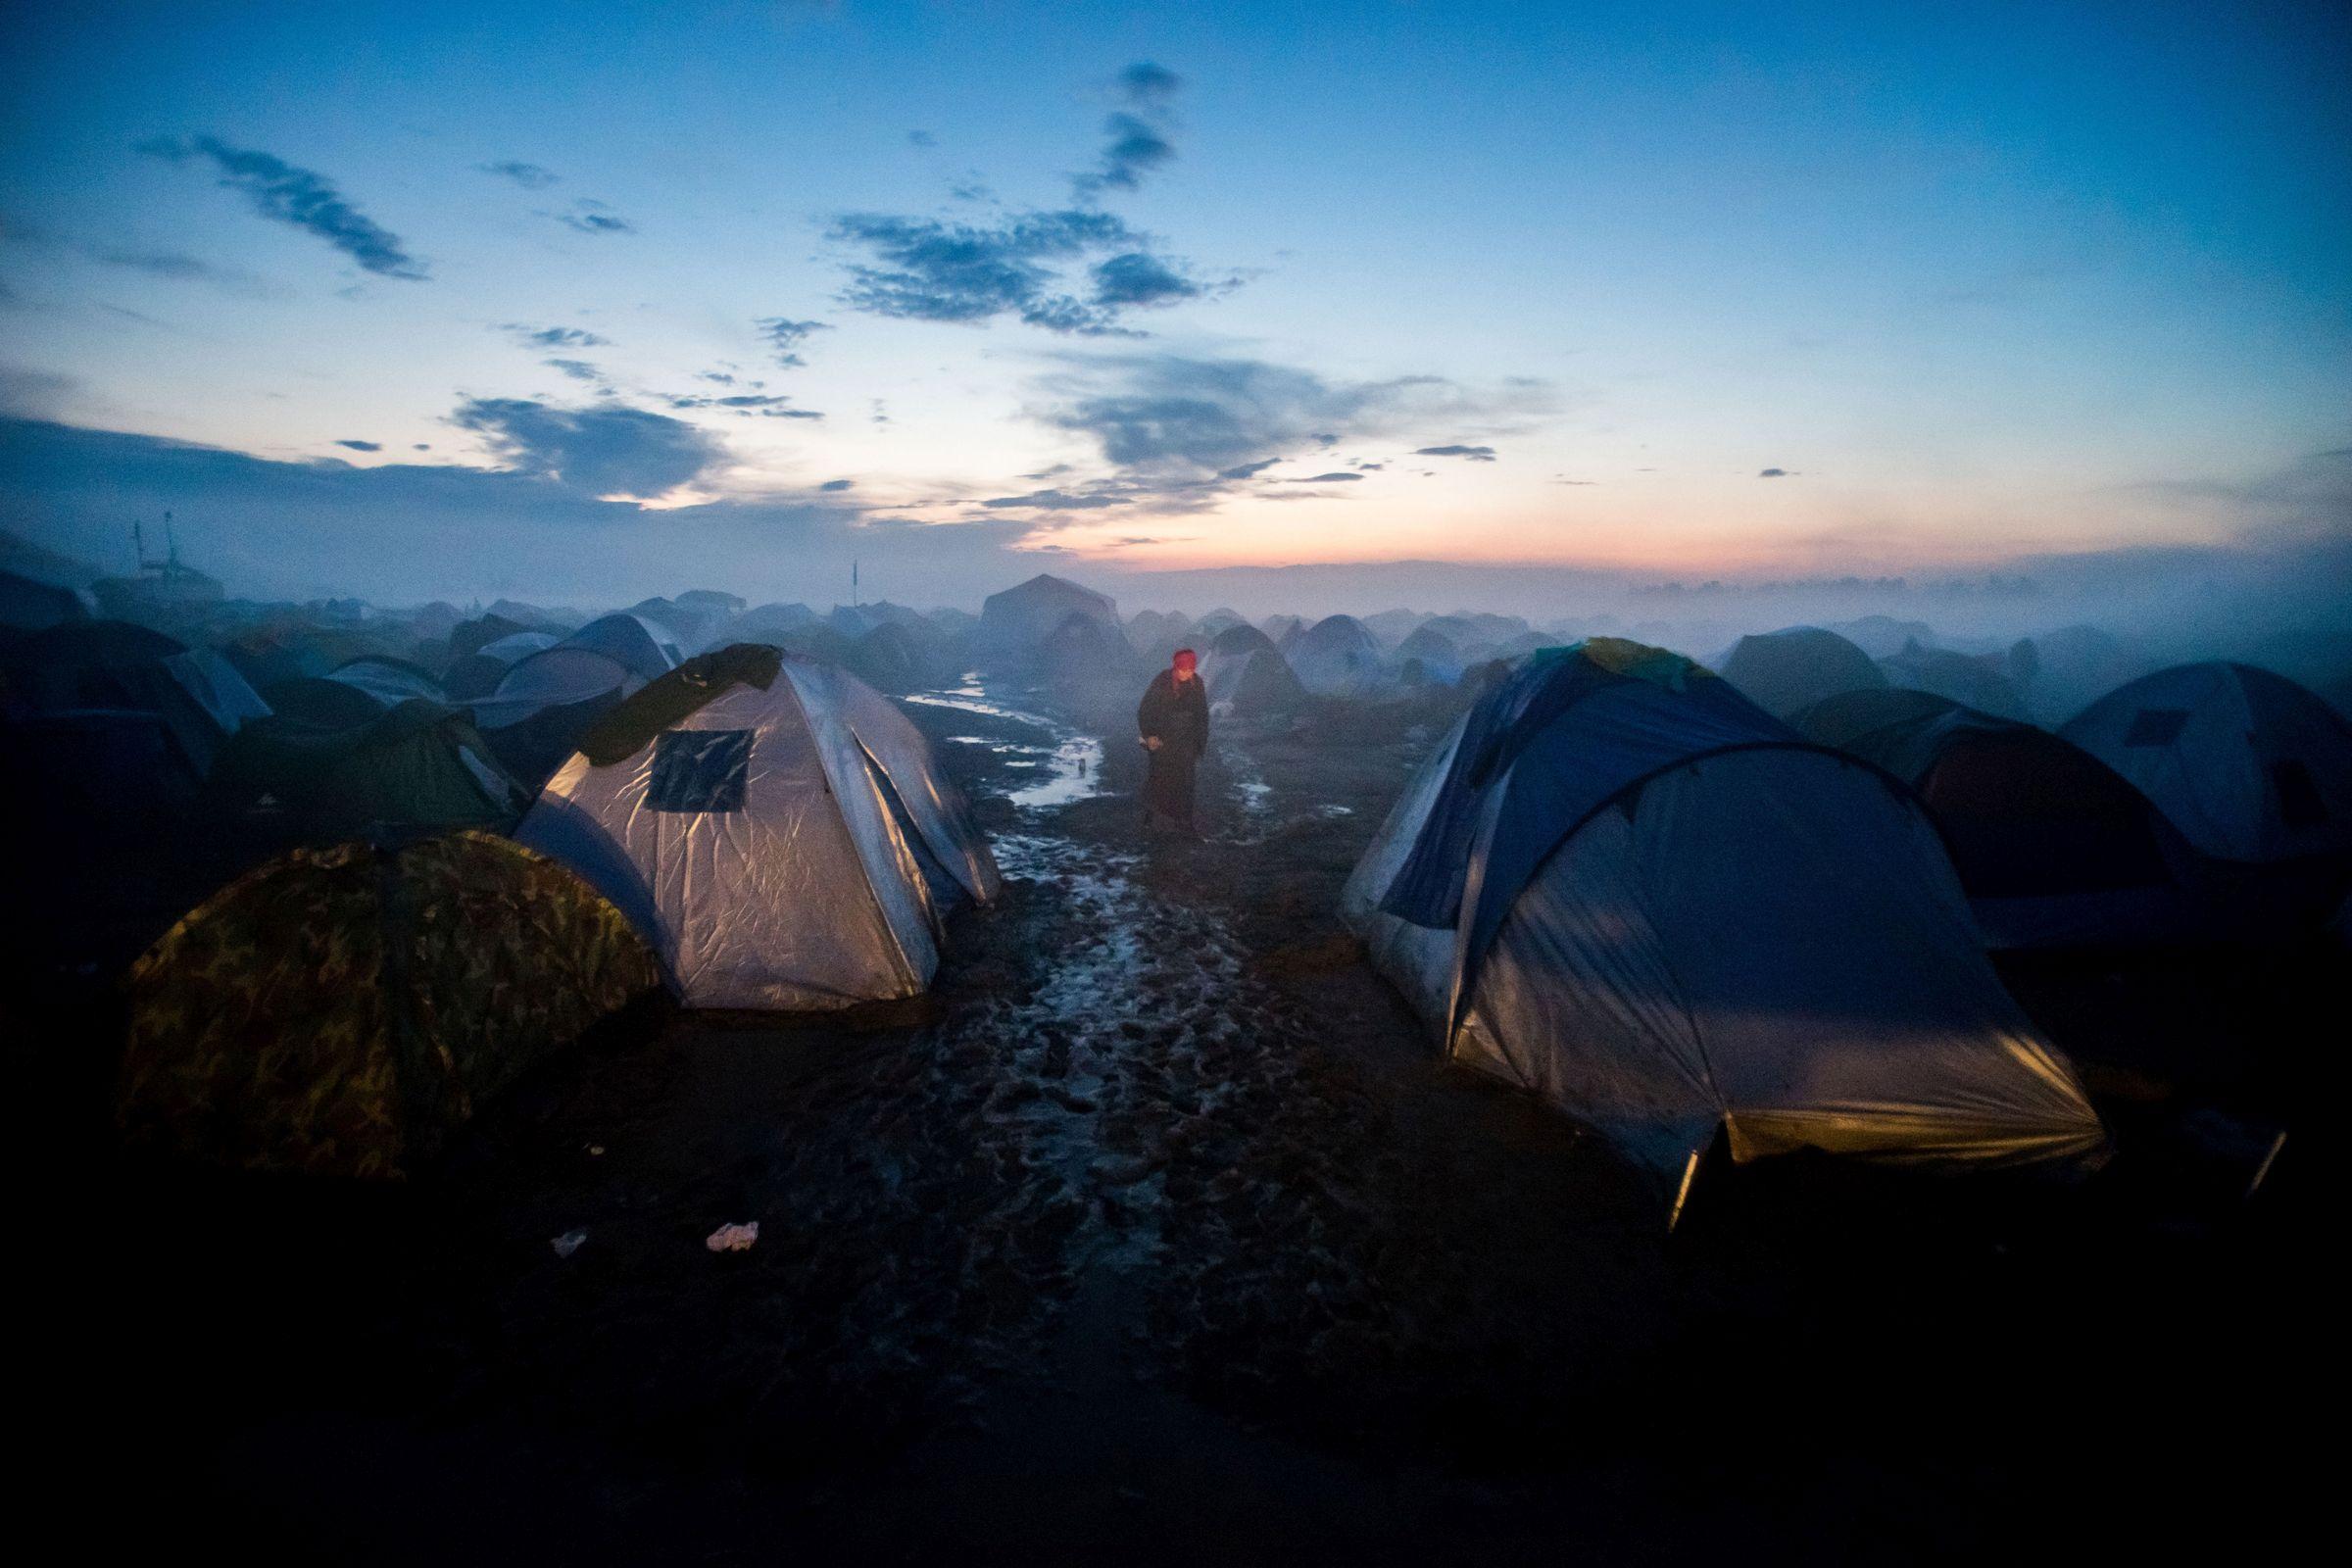 Hír, eseményfotó (egyedi) <br /><br />1. díj: Balogh Zoltán (MTI/MVA): Idomeni menekült tábor<br />